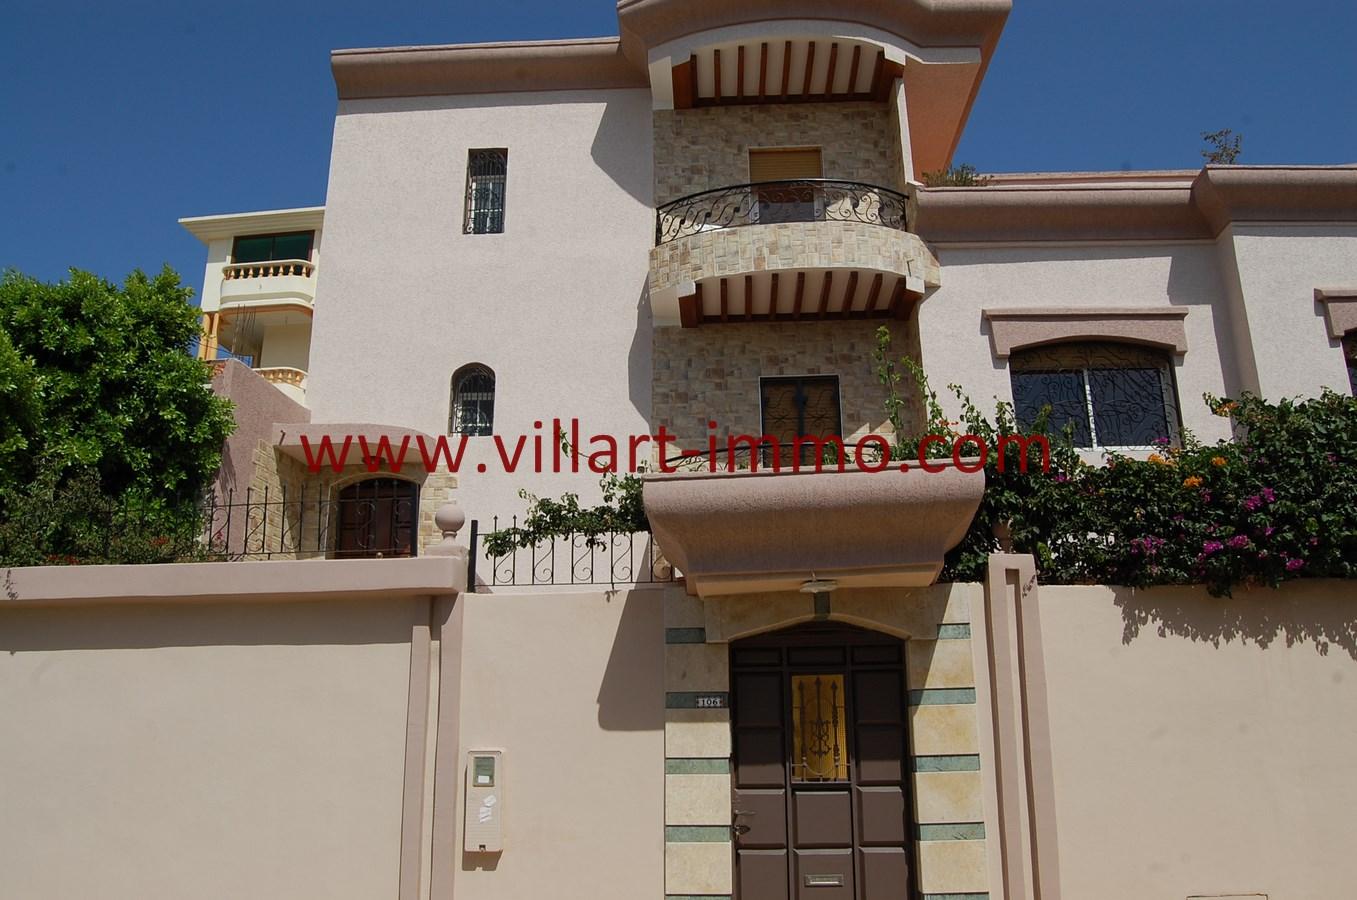 1-Vente-Villa-Tanger-Mojahidin-Façade-VV503-Villart Immo